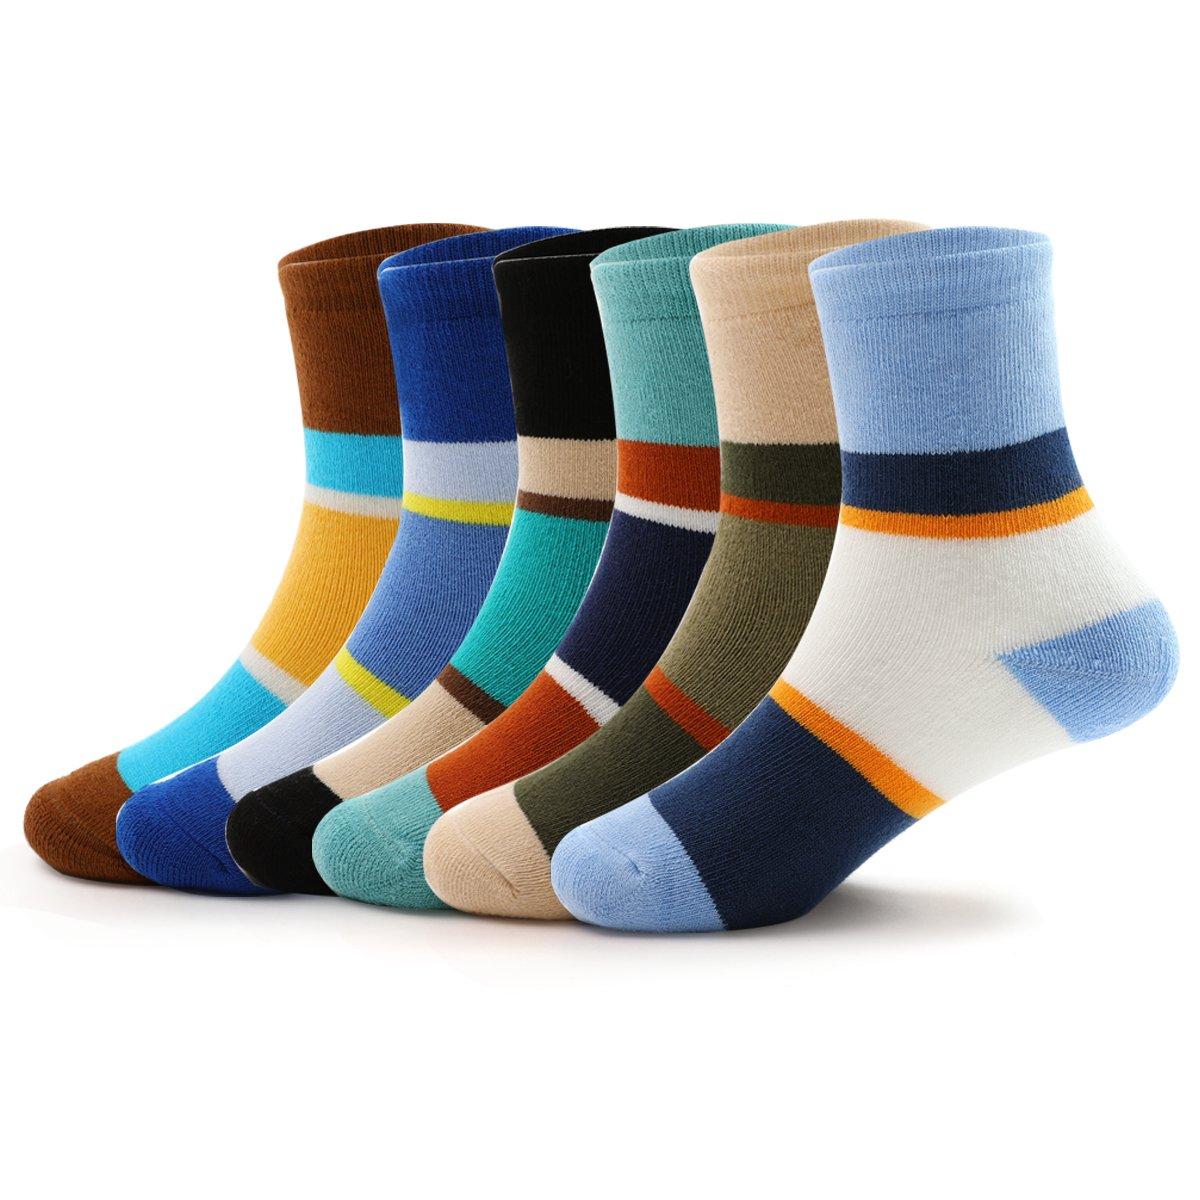 Boys Thick Cotton Socks Kids Winter Seamless Socks 6-Pack For 2T / 3T / 4T Little Boys